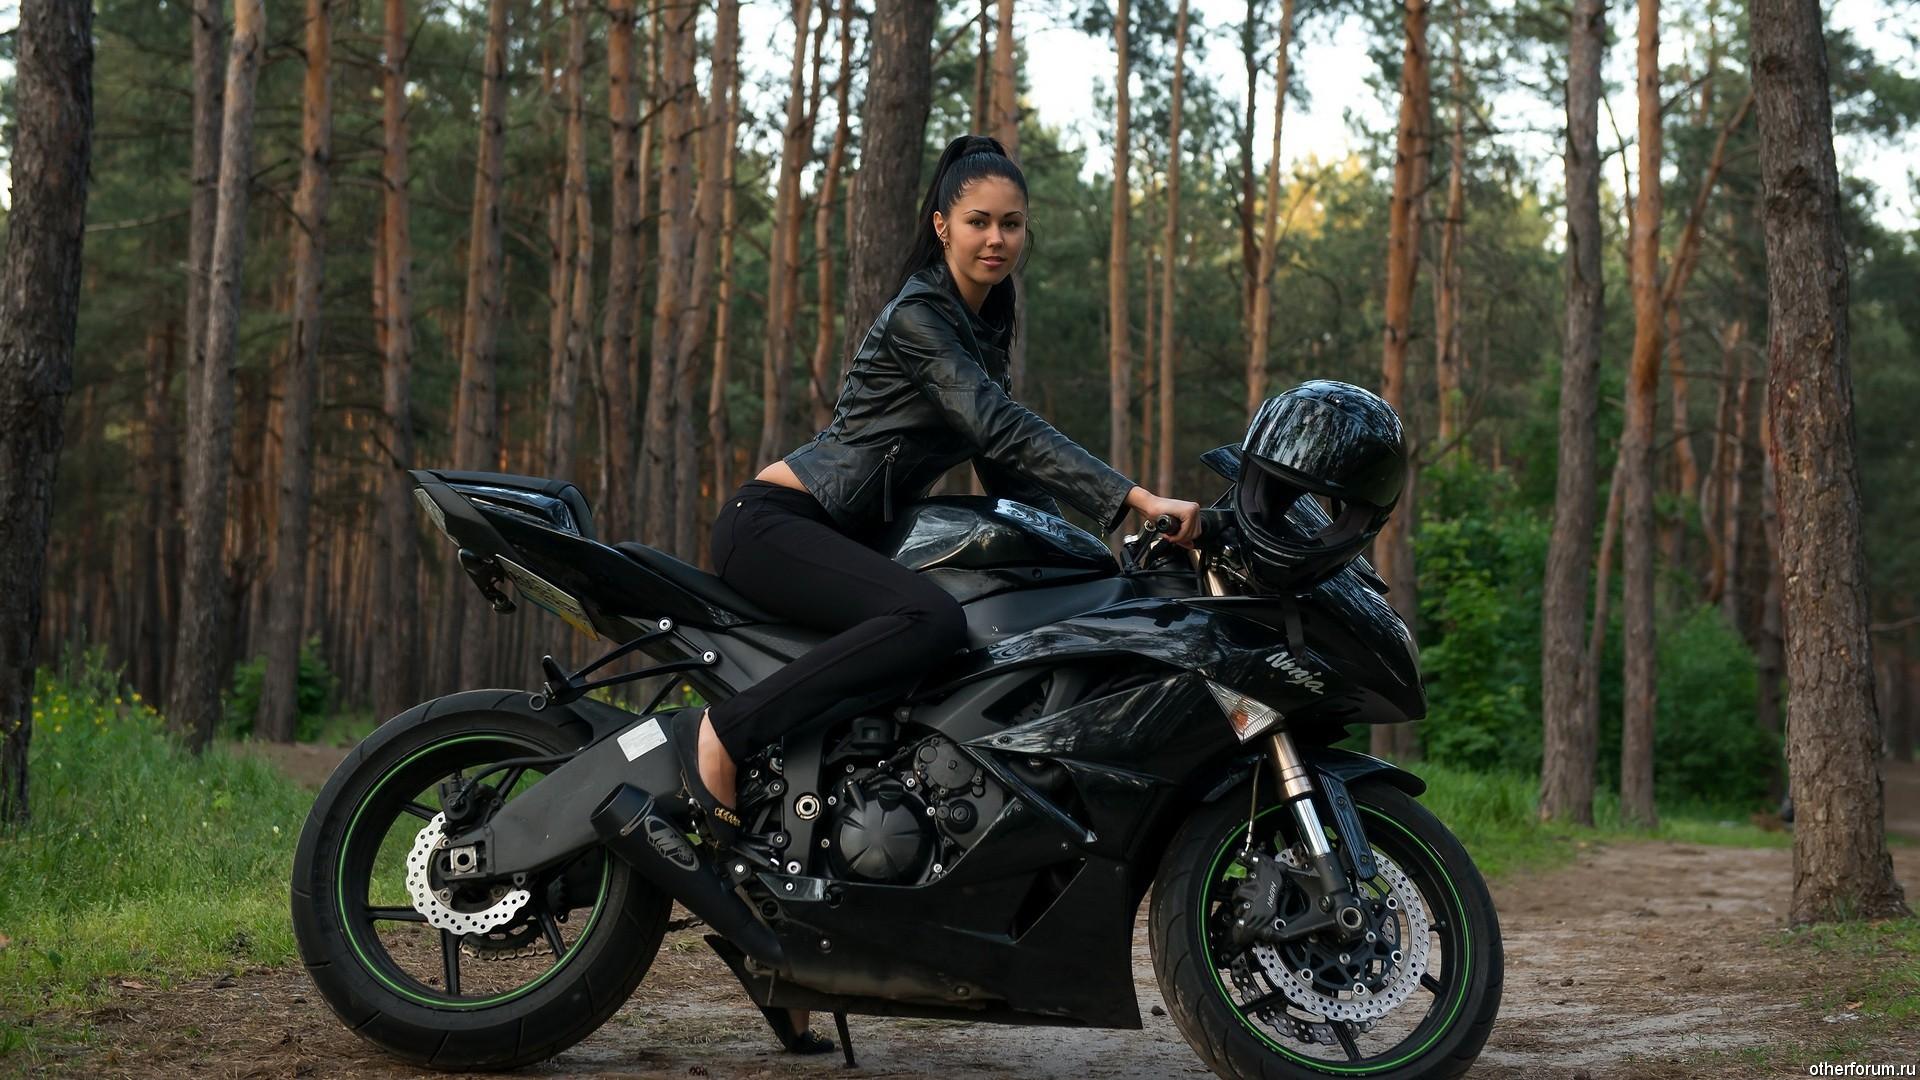 motorcycle motorcycles ninja wallpapersafari kawasaki motocycles